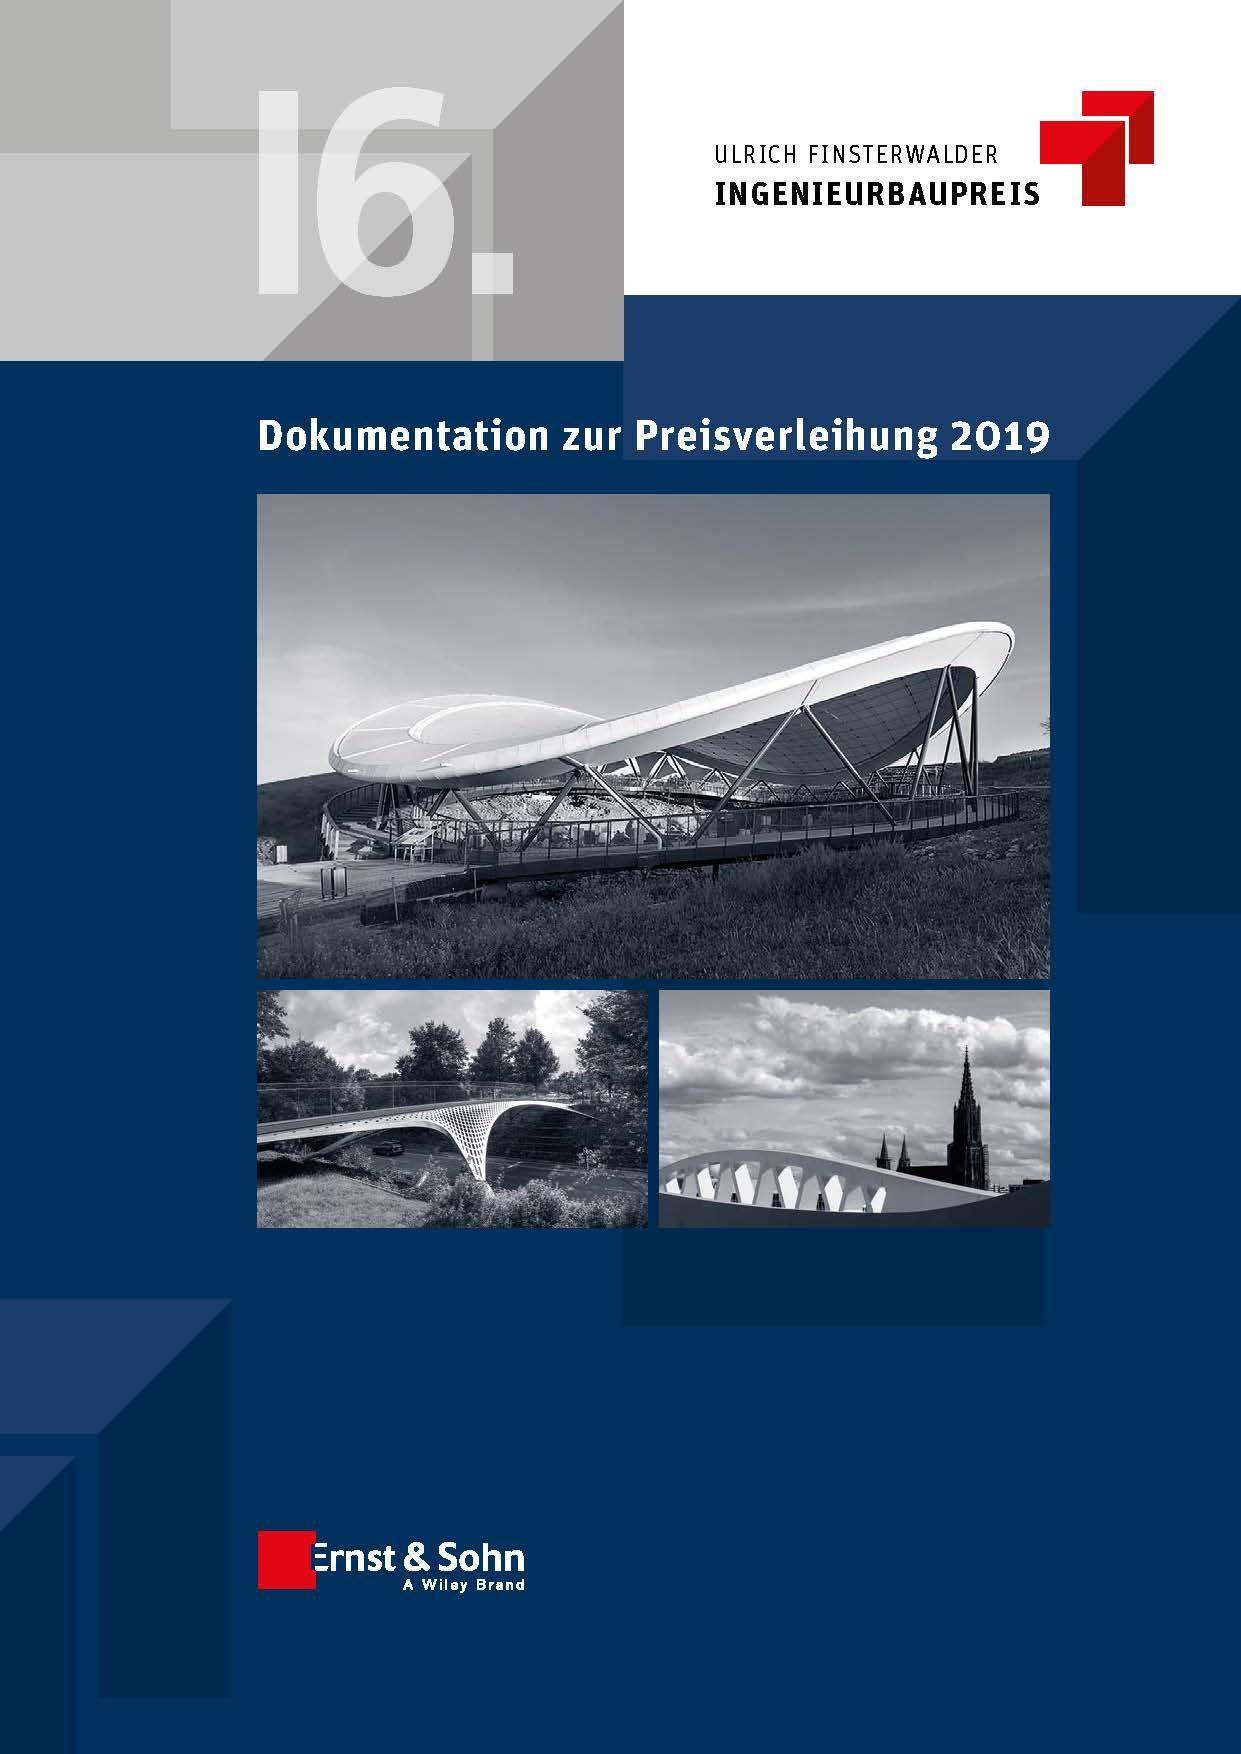 Cover Dokumentation Ulrich Finsterwalder Ingenieurbaupreis 2019